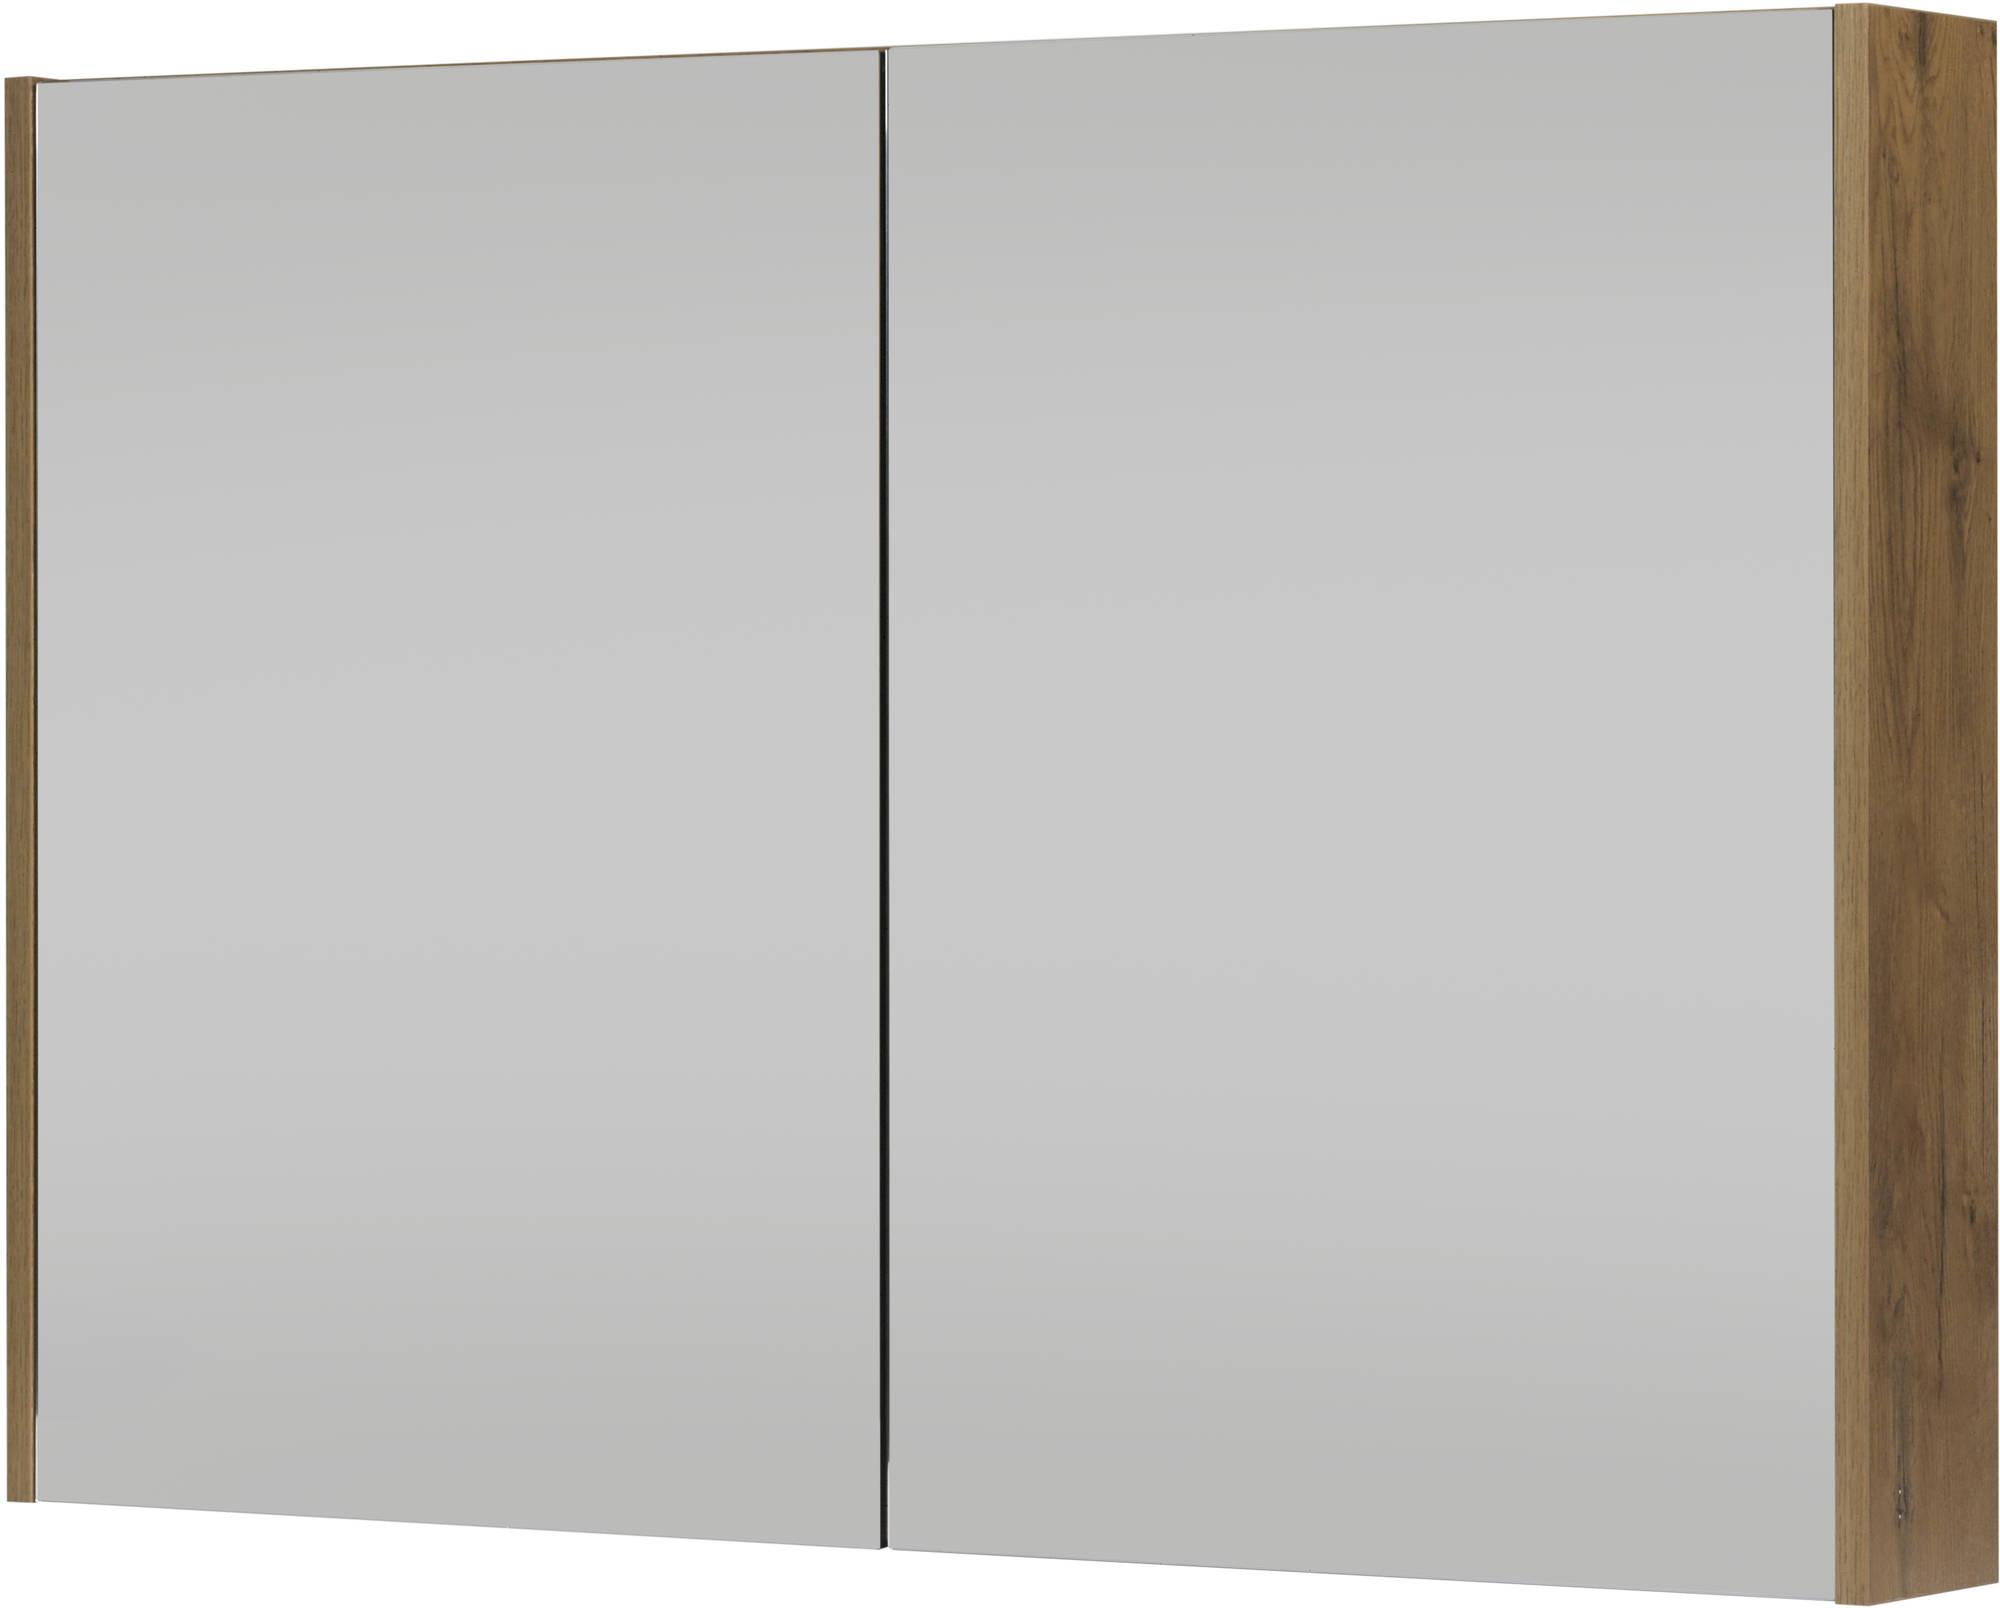 Saniselect Socan Spiegelkast 100x14x70 cm Wild Eiken